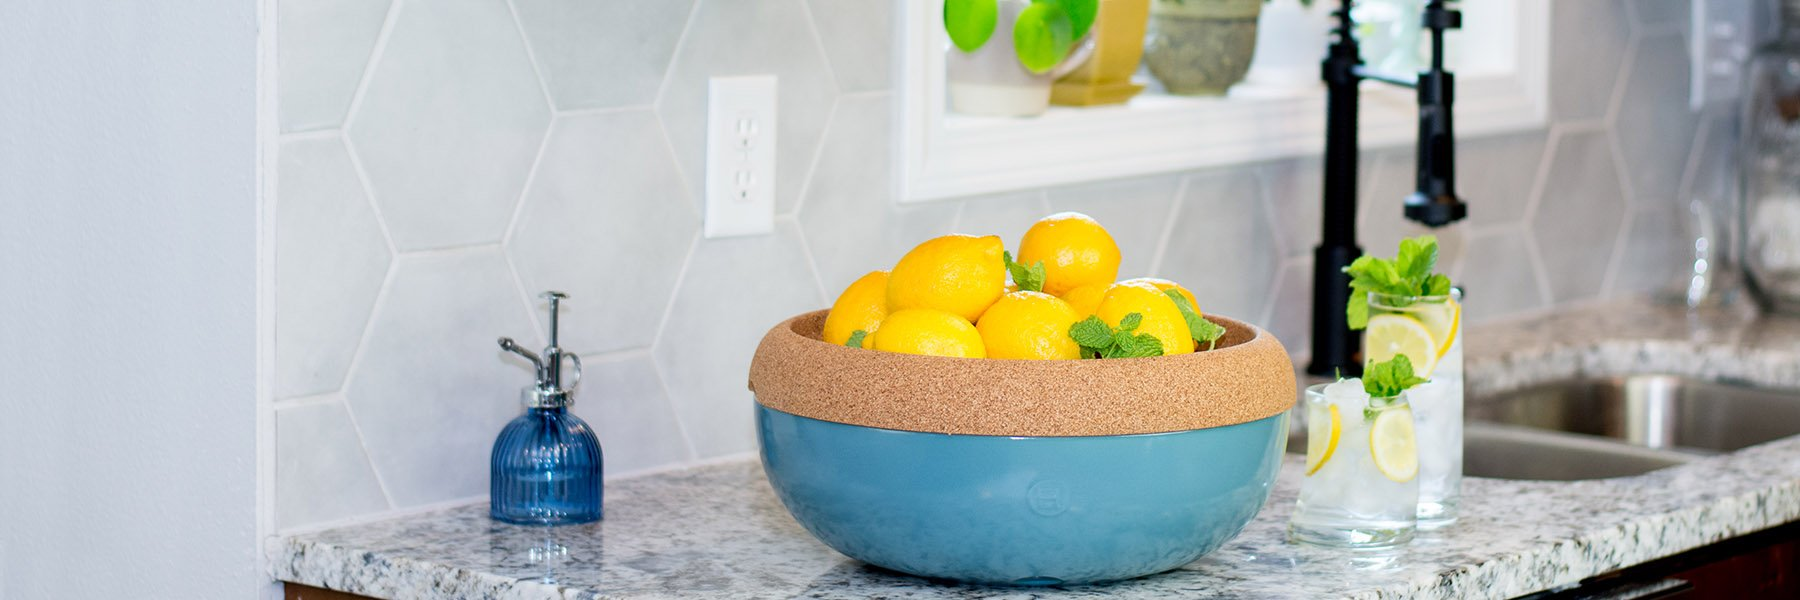 Photo of Emile Henry Blue Lagoon Storage Bowl with lemons and lemonade.